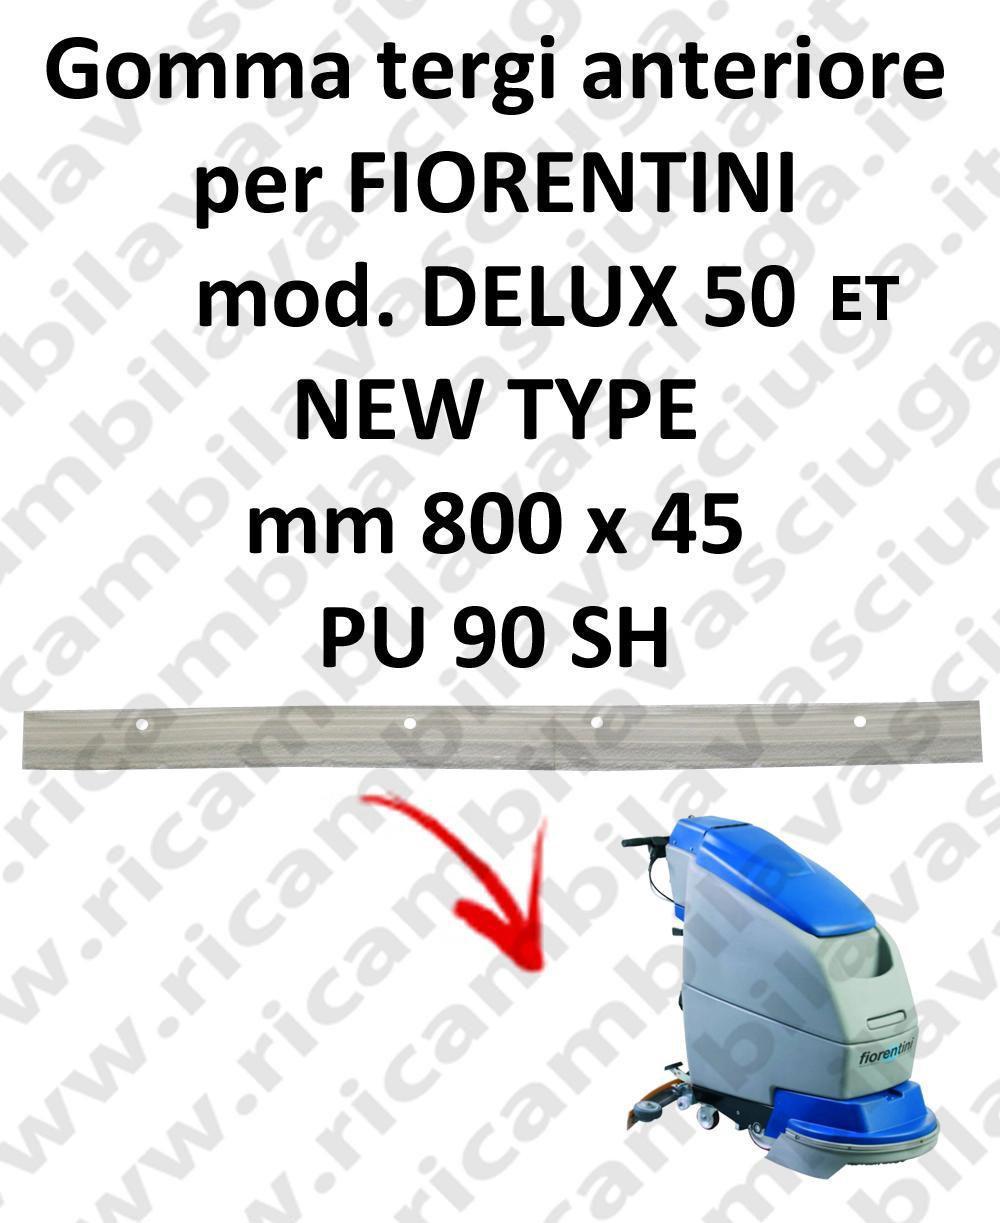 DELUX 50 ET NEW TYPE Vorne sauglippen für scheuersaugmaschinen FIORENTINI